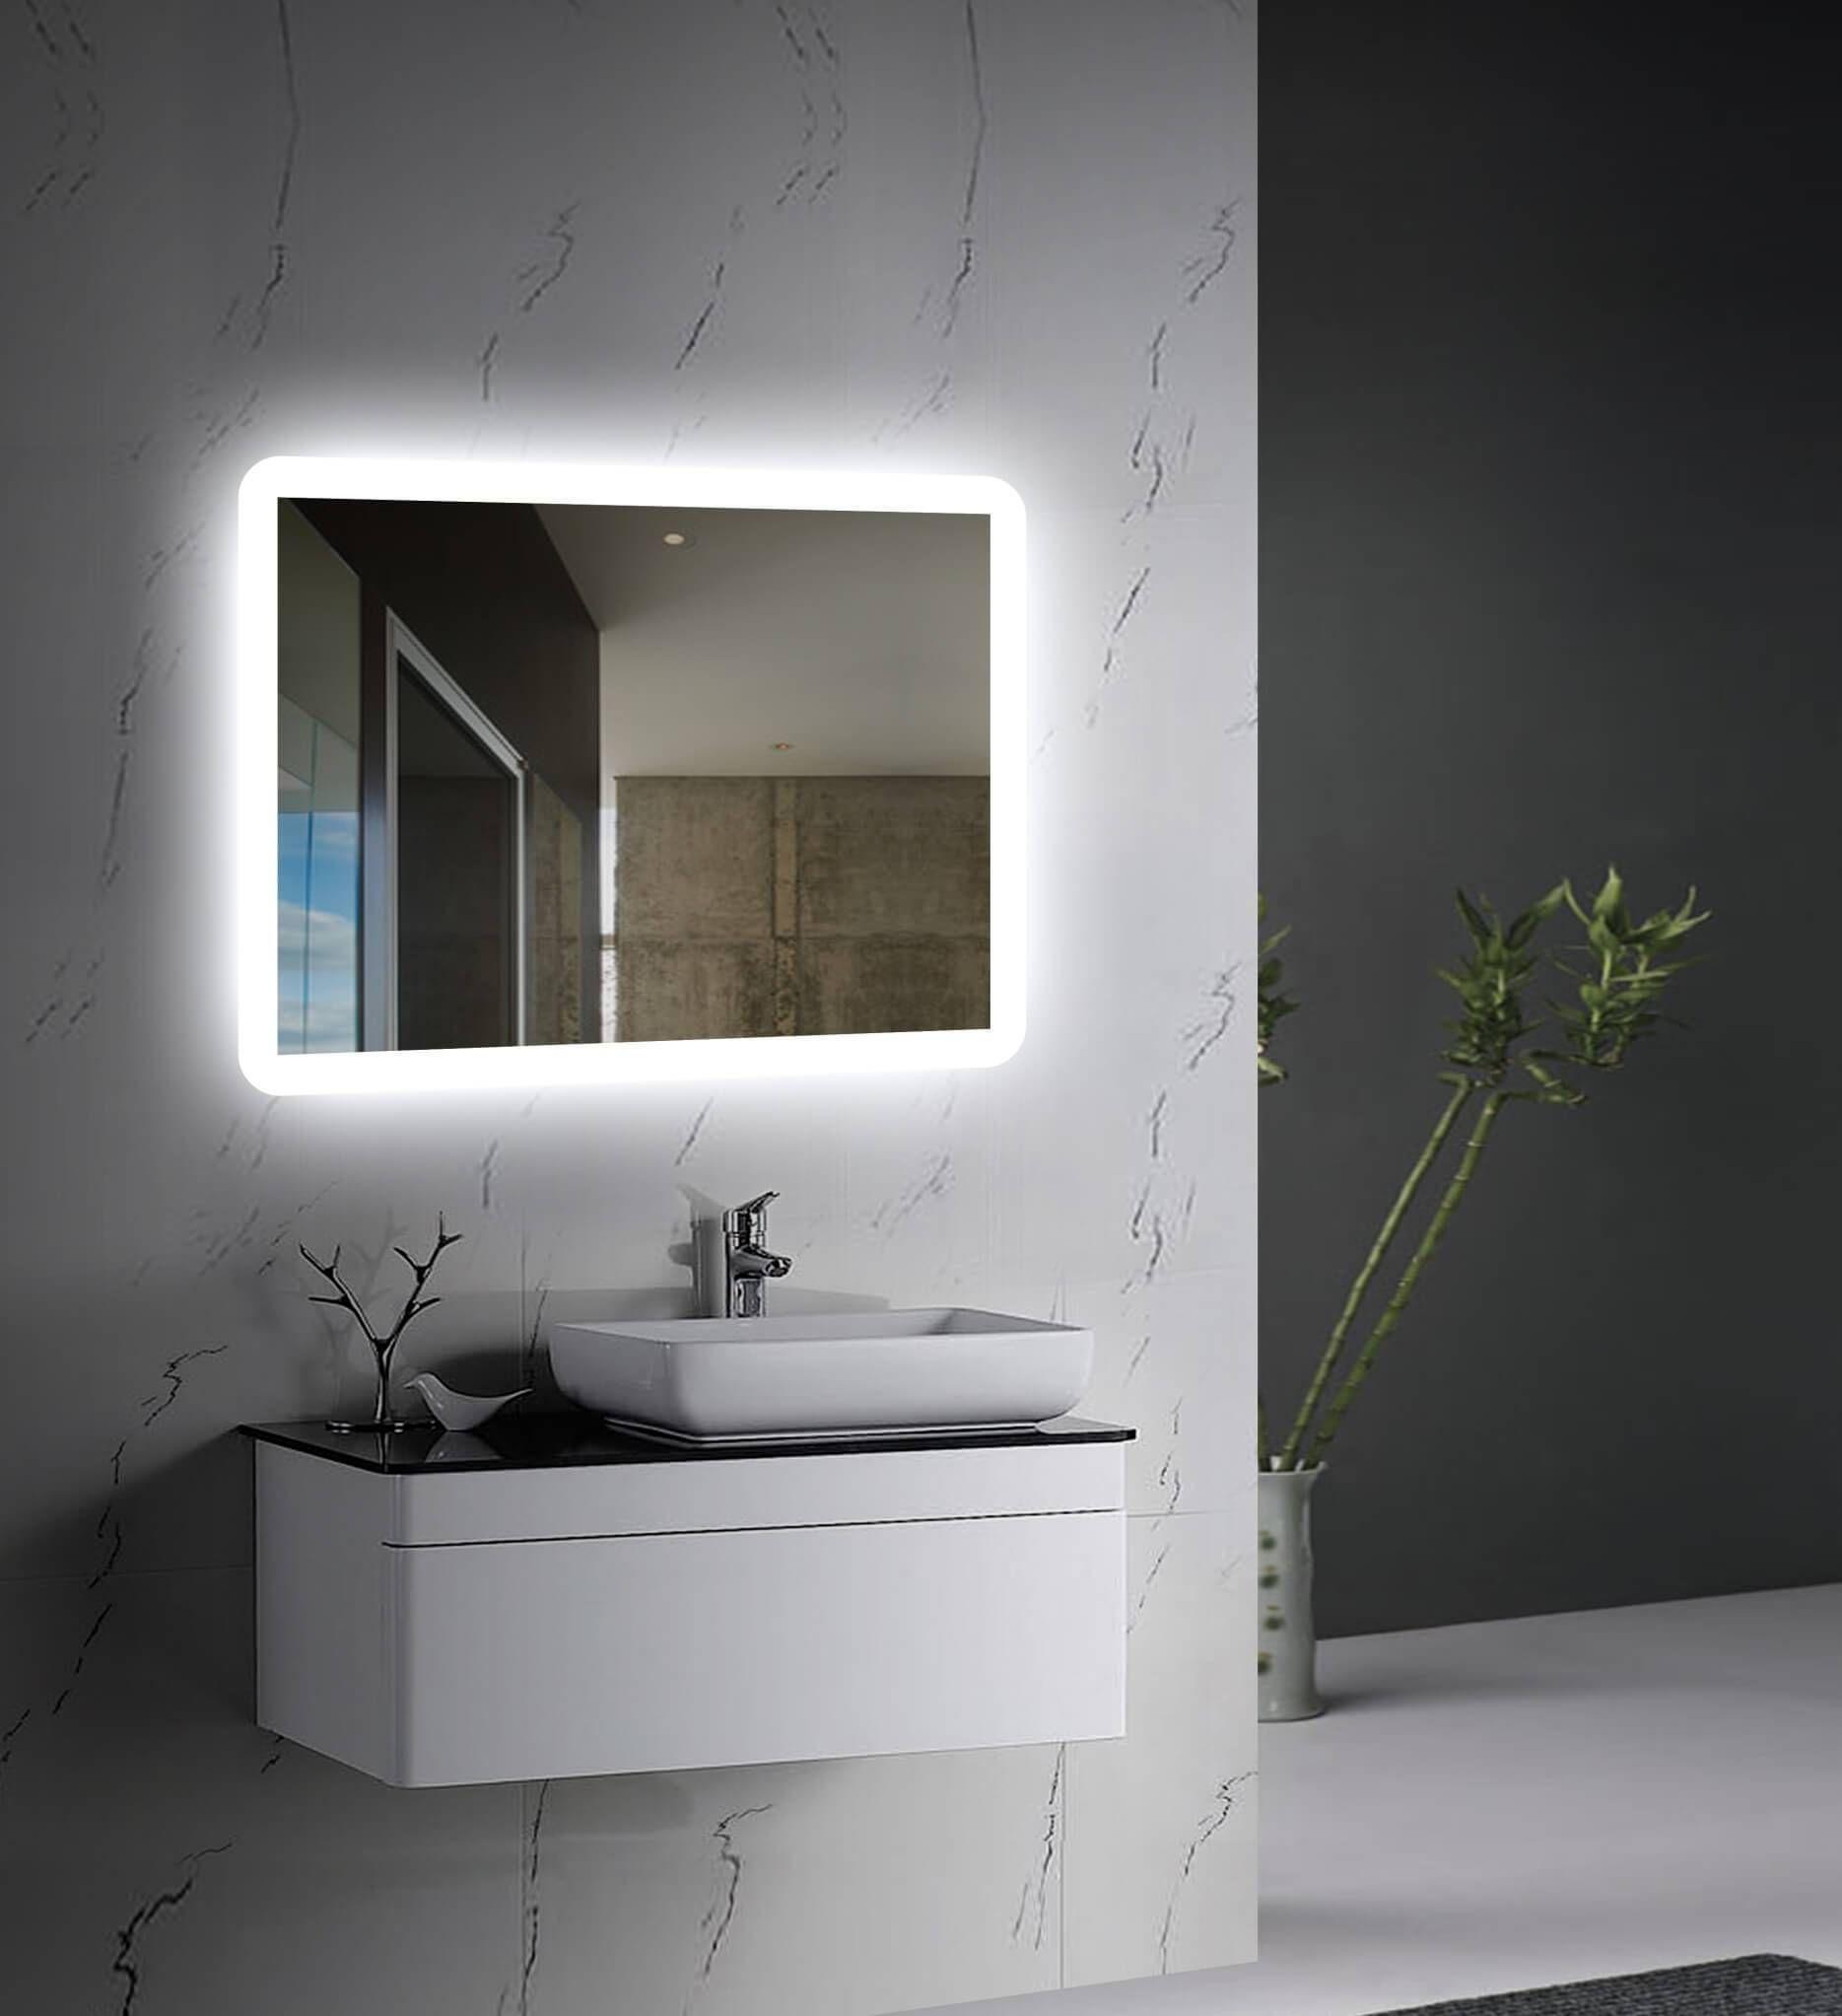 Blaze Wall Mounted 31 X24 Backlit Led Mirror Moderne Badezimmerspiegel Luxus Badezimmer Badezimmer Einrichtung